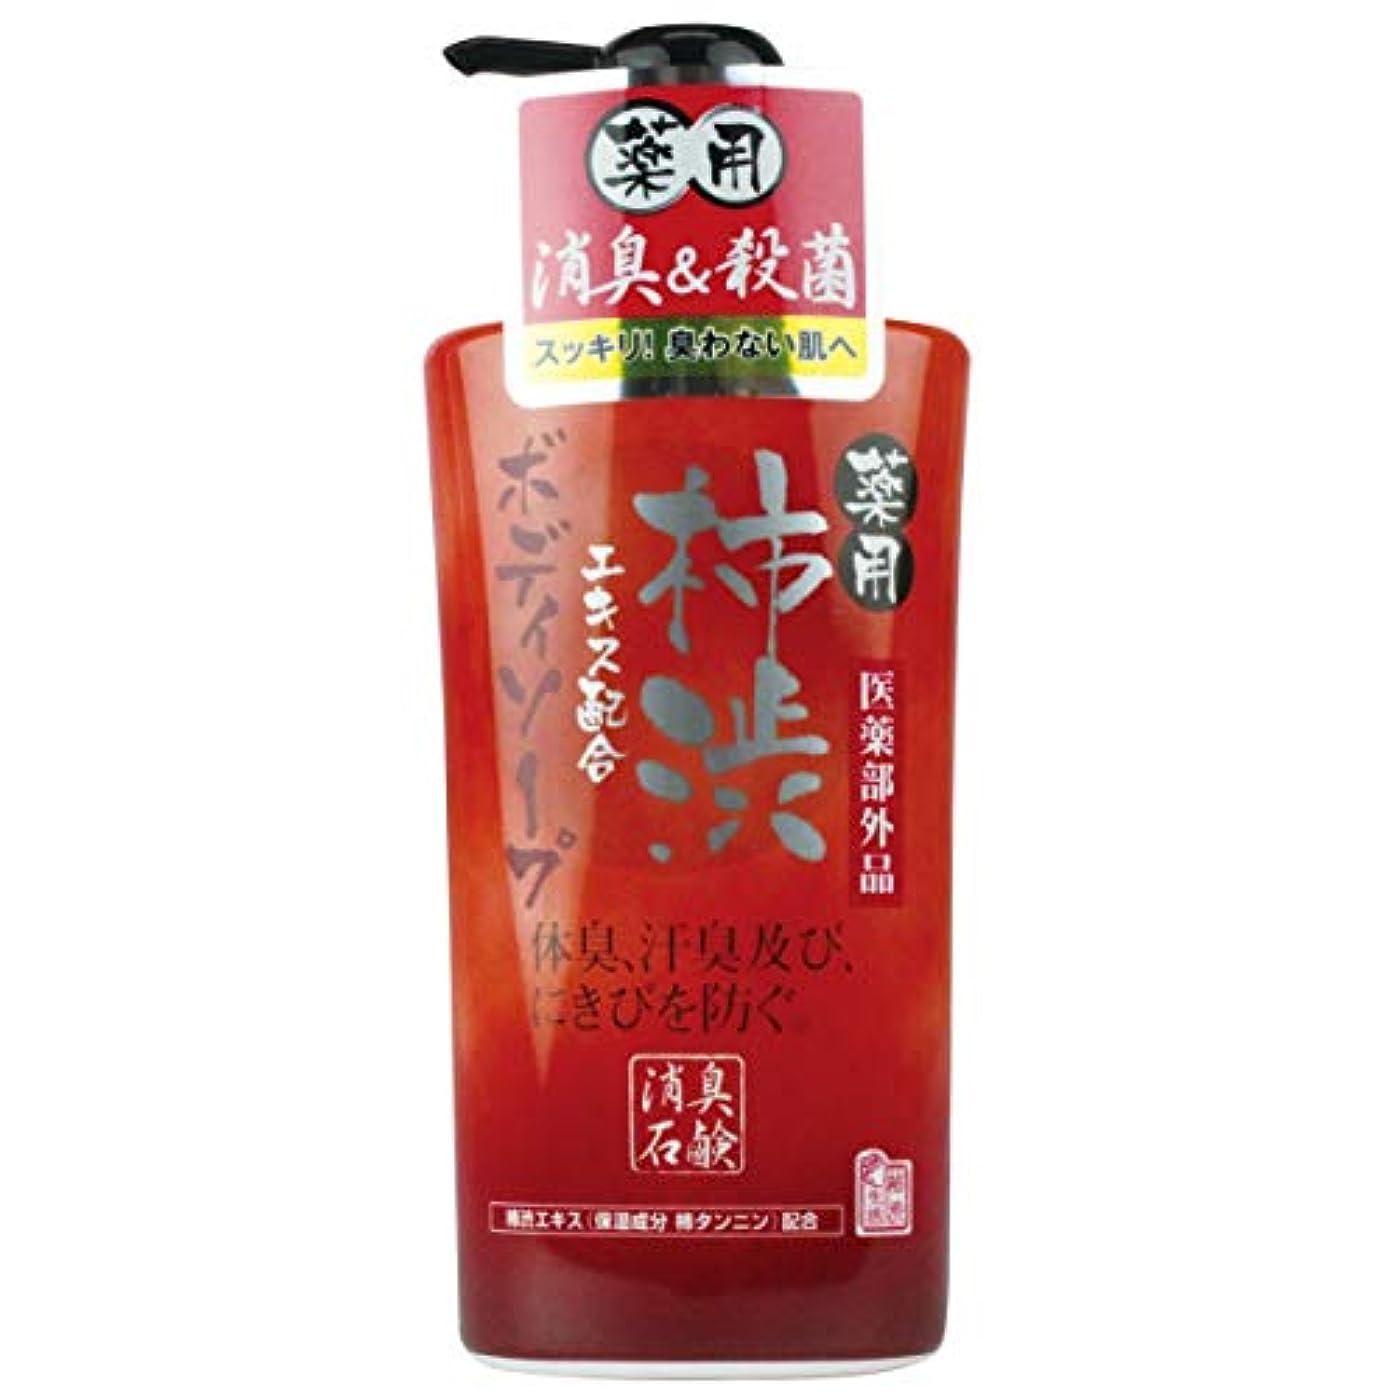 処理確認してください高音薬用柿渋 ボディソープ 550mL 【医薬部外品】